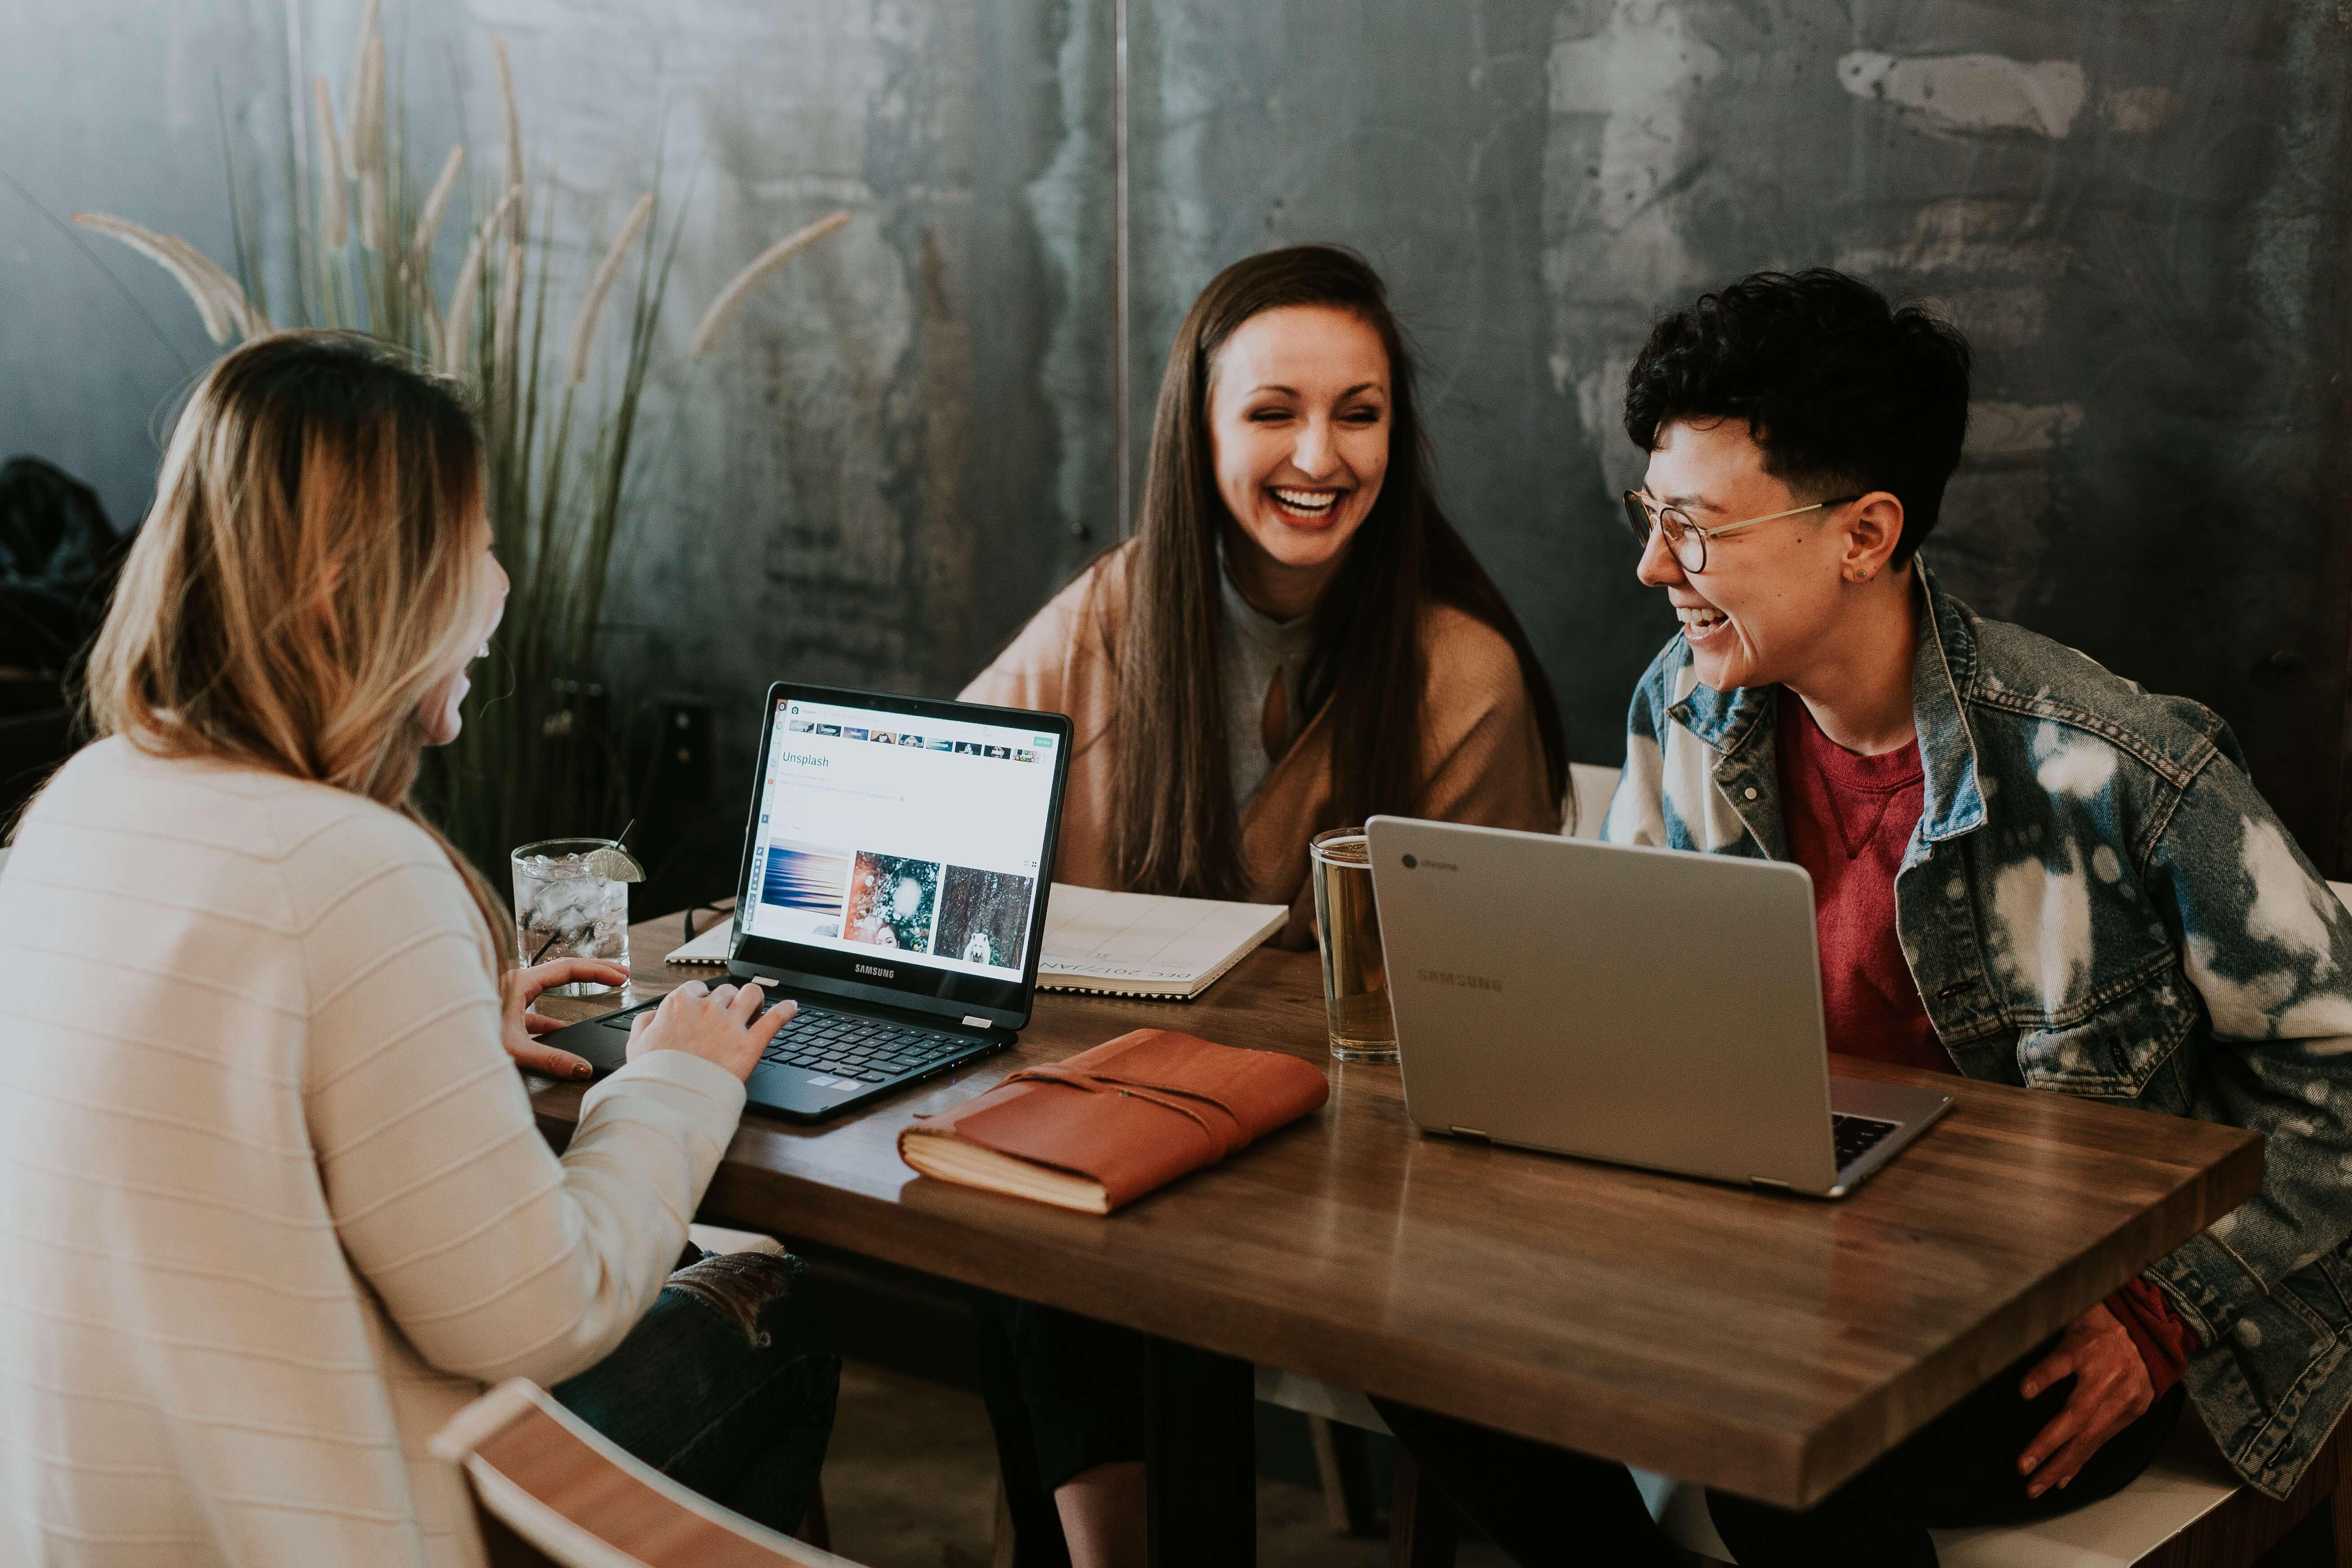 activité humaine Vente Directe gens autour d'une table qui rient et travaillent